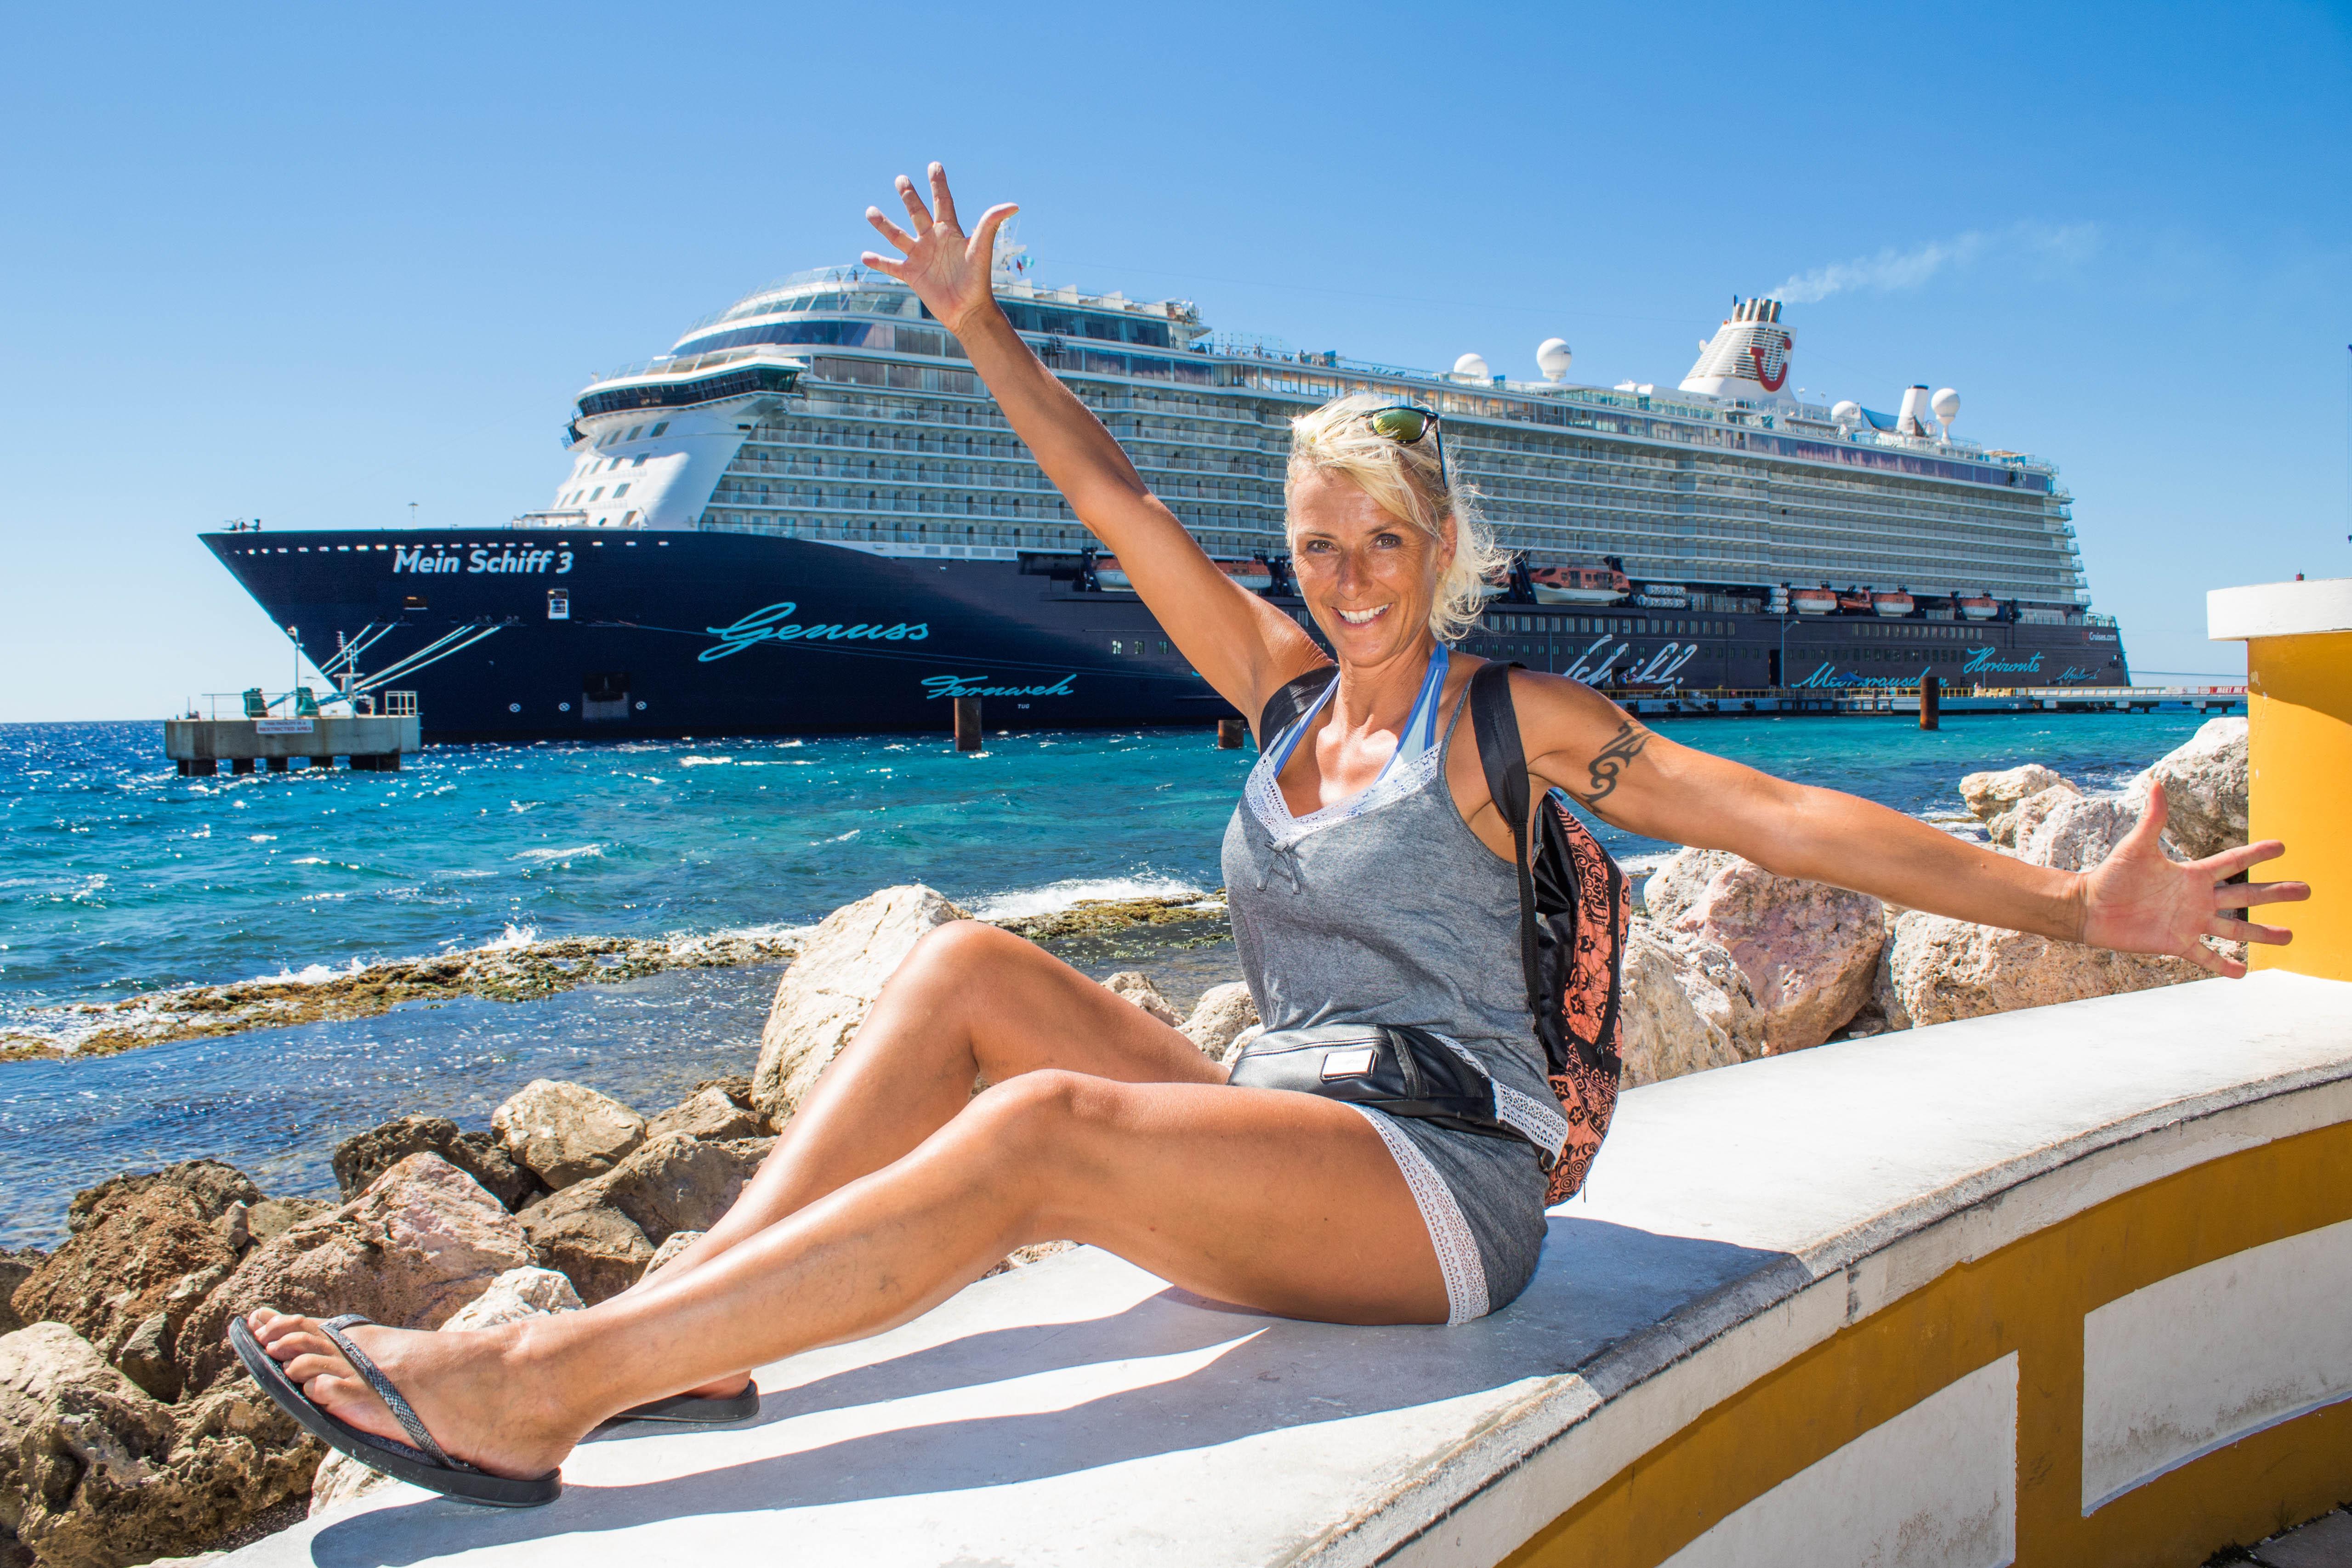 Mein Schiff Urlaubsheldin Heidi Matter in Ihrer Freizeit